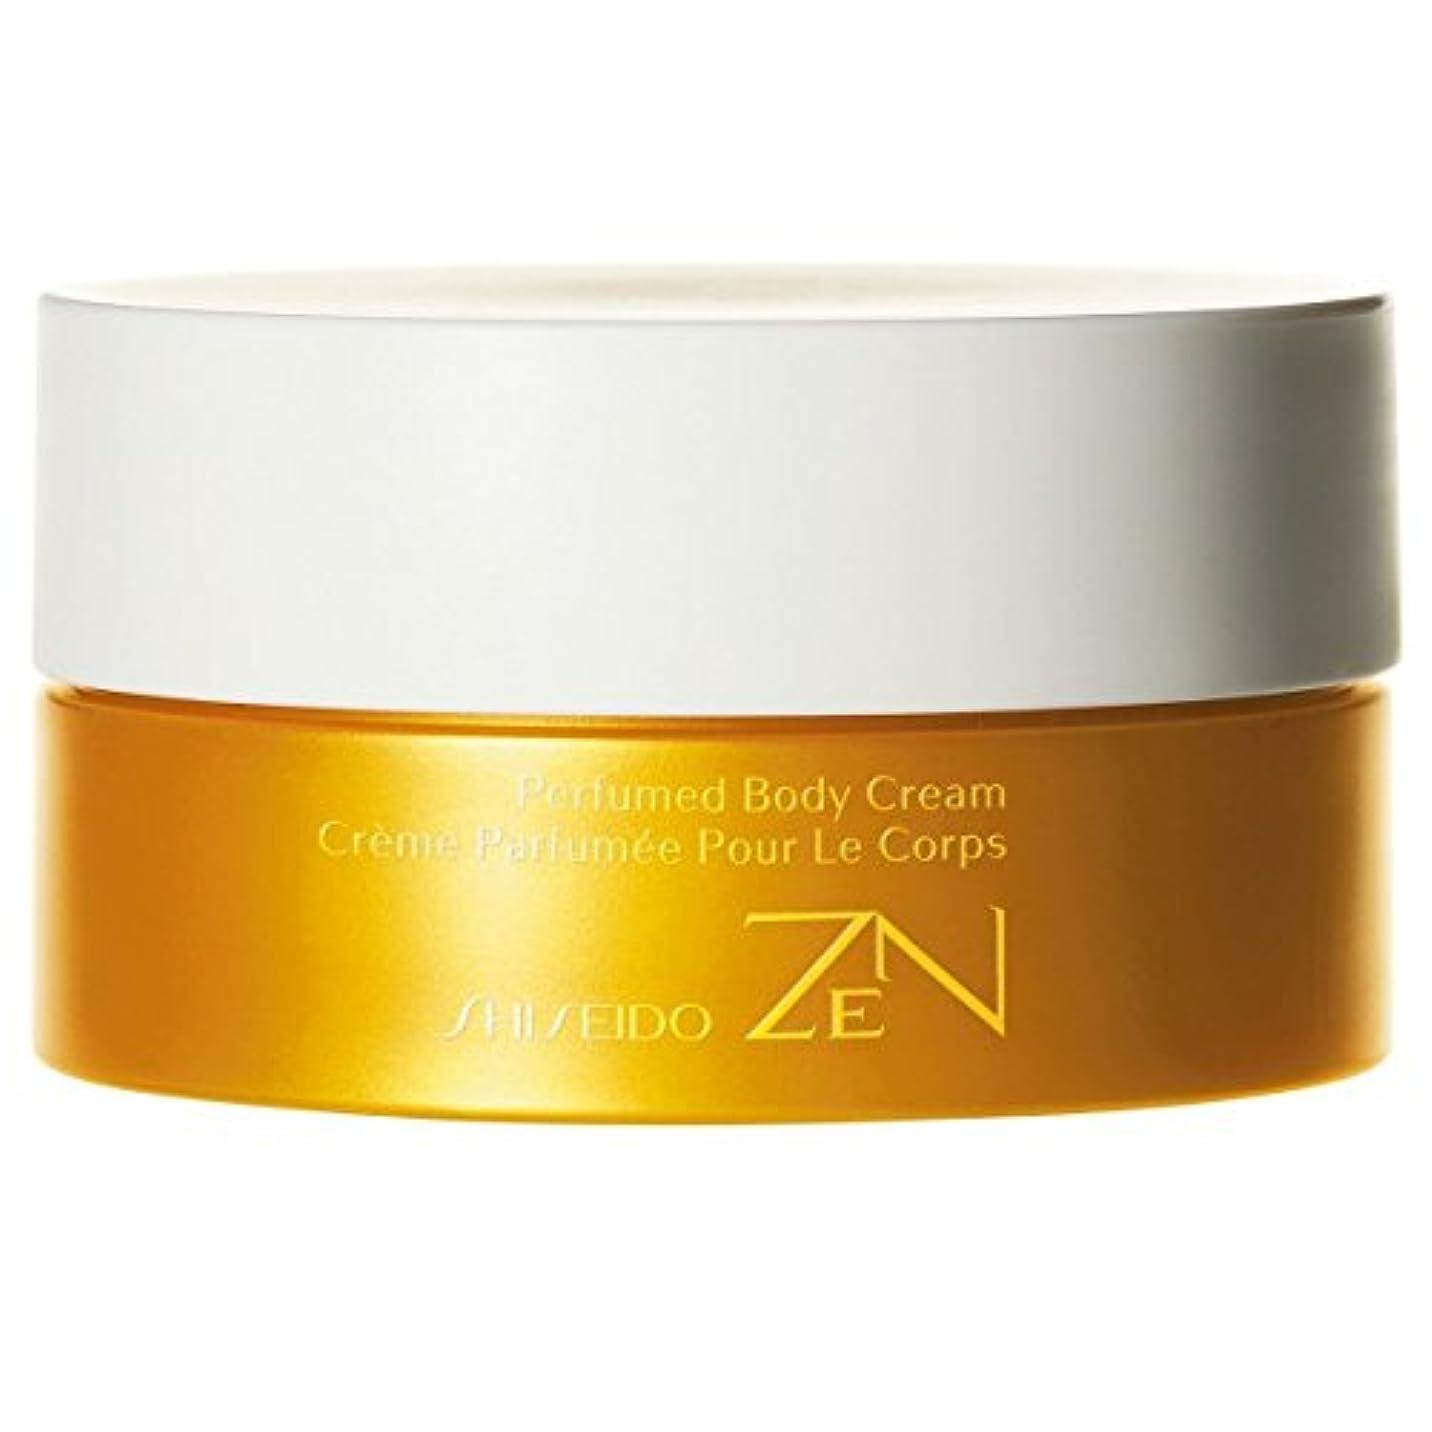 交通シンボル沈黙[Shiseido ] 資生堂禅香りのボディクリーム200ミリリットル - Shiseido Zen Perfumed Body Cream 200ml [並行輸入品]